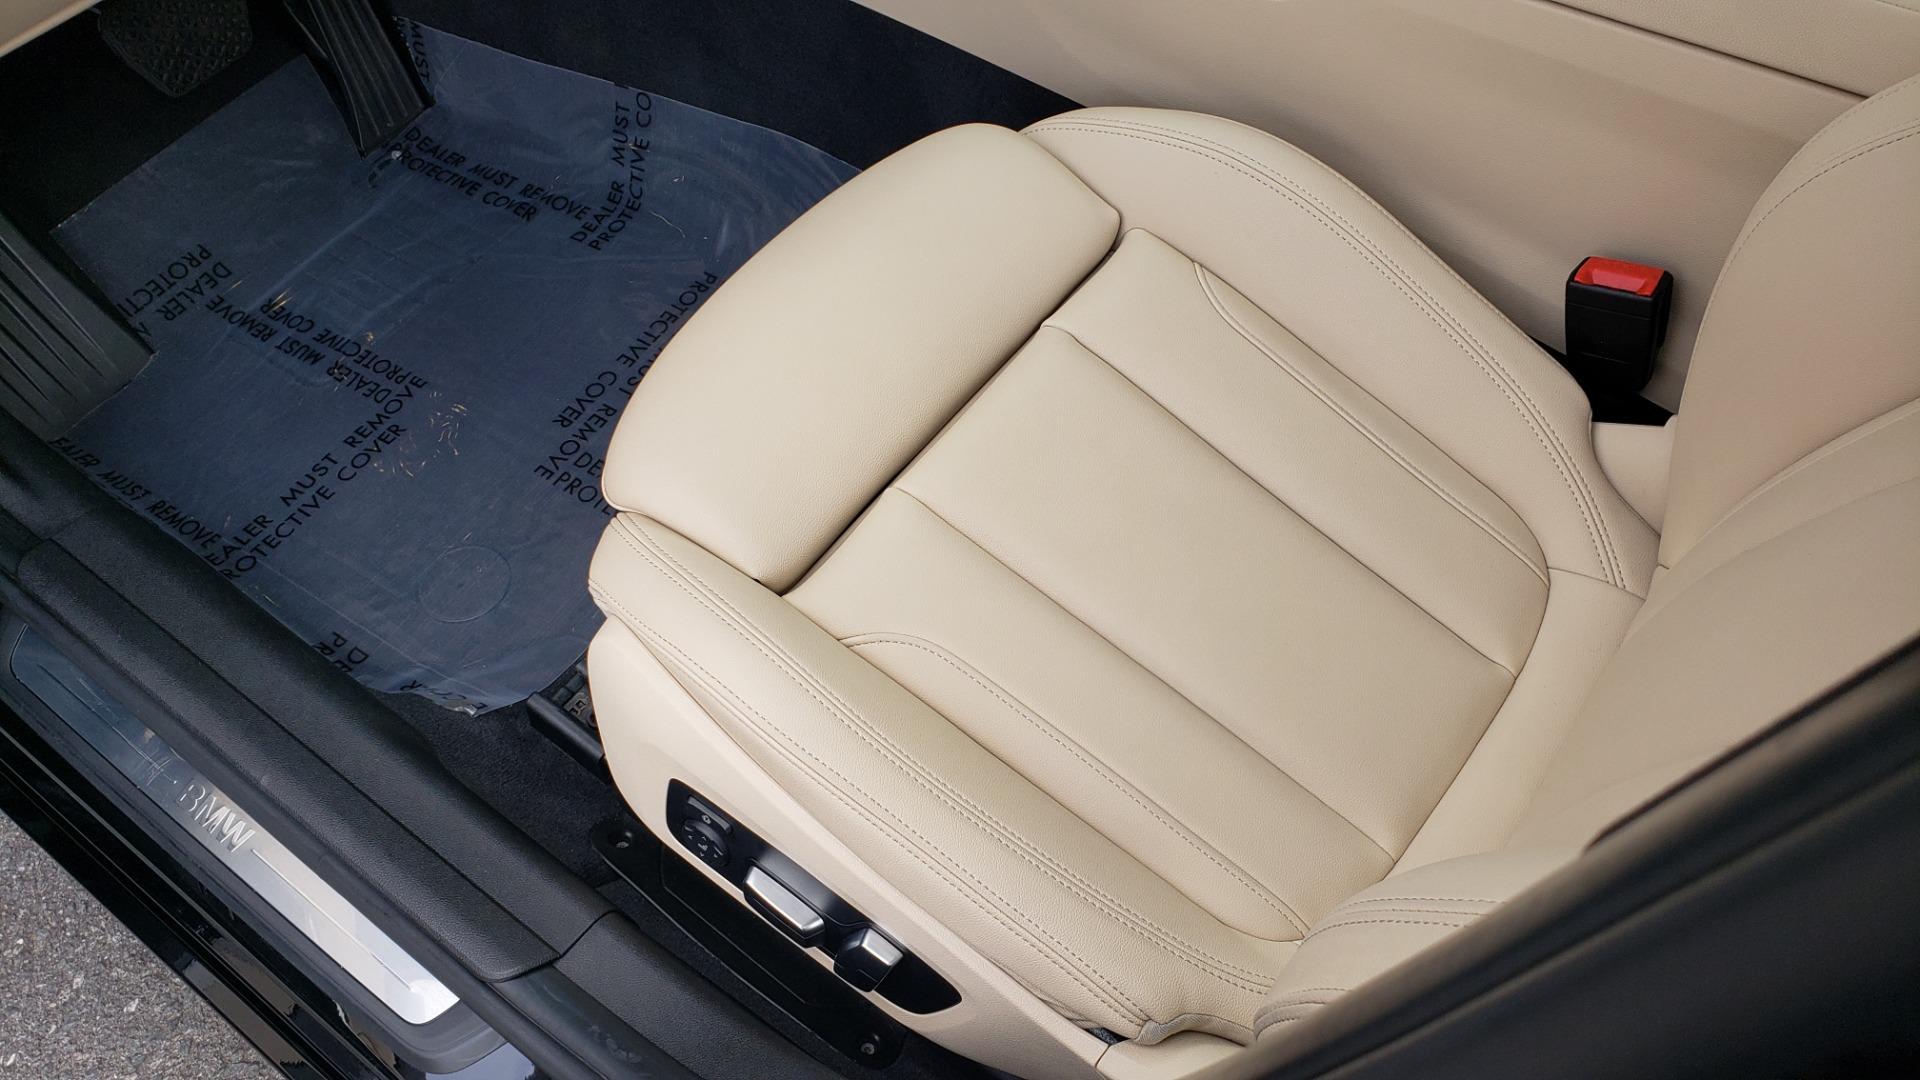 Used 2019 BMW 3 SERIES 330I PREM PKG / NAV / CONV PKG / H&K SND / LIVE COCKPIT PRO for sale Sold at Formula Imports in Charlotte NC 28227 33